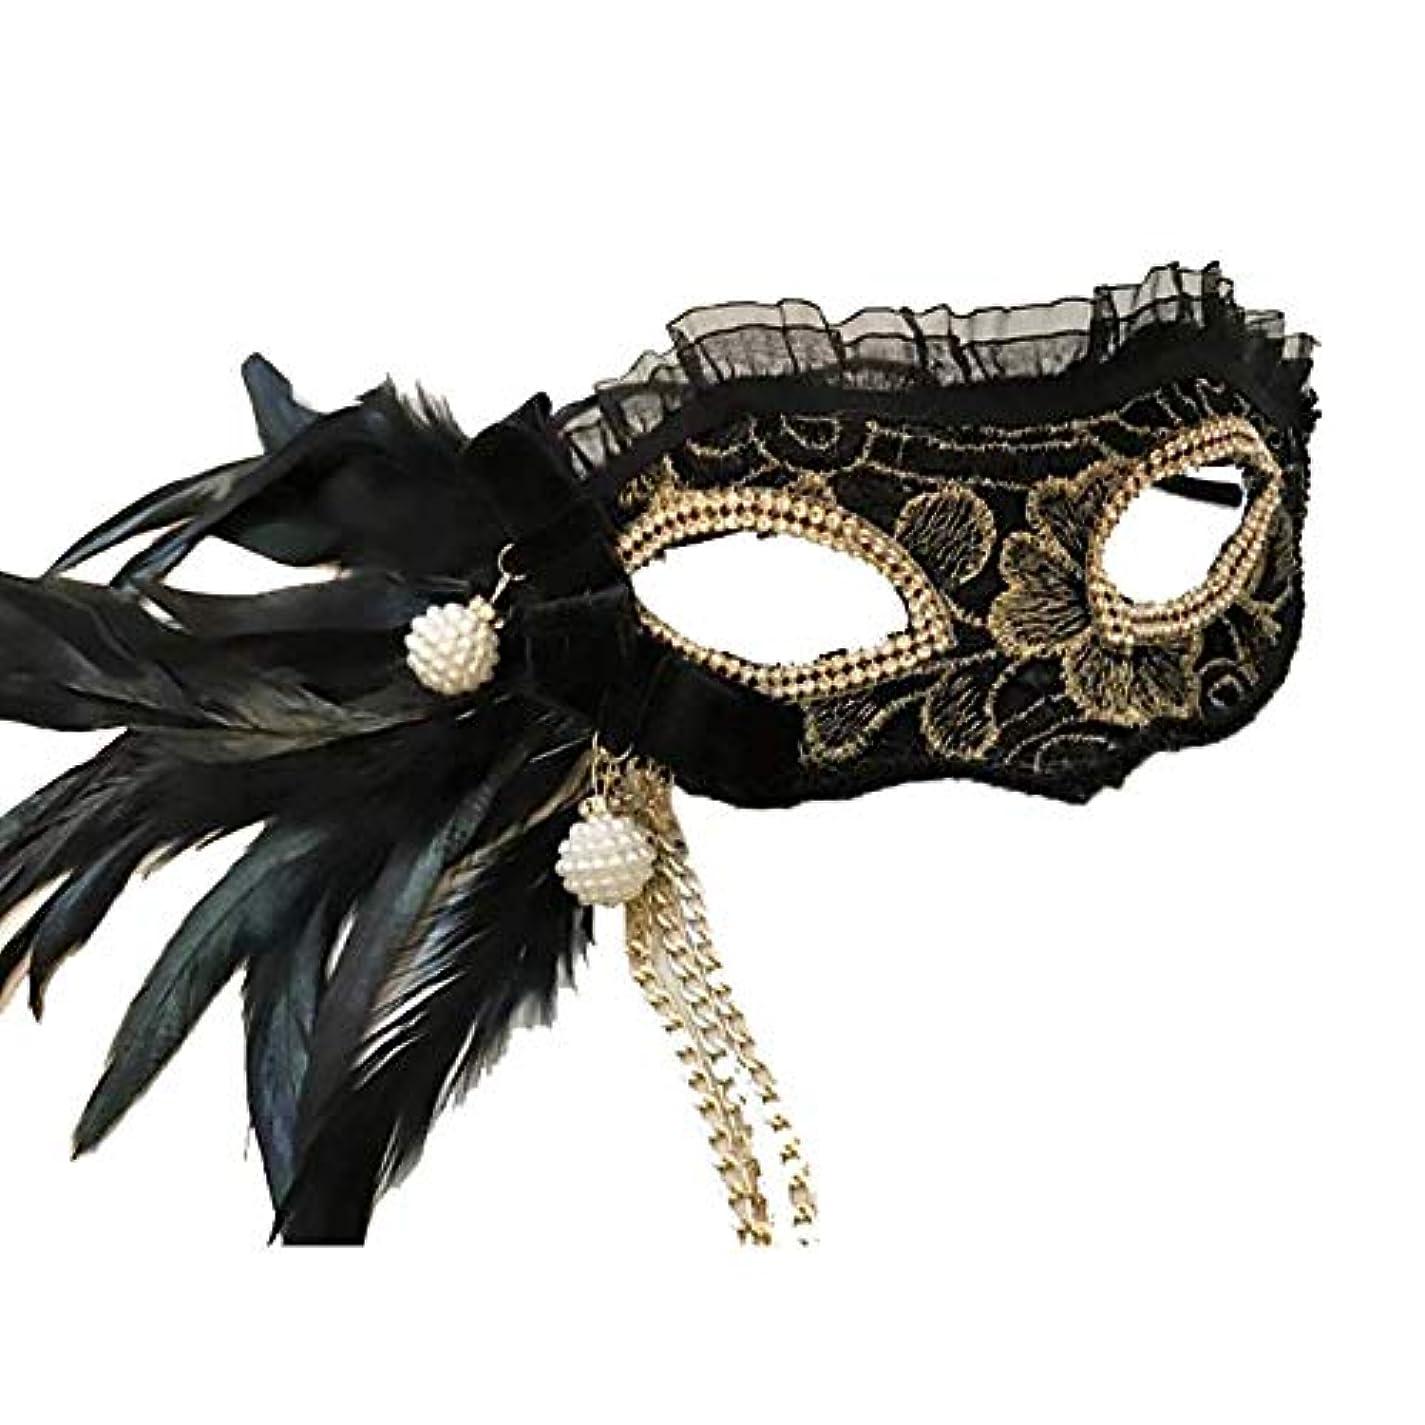 個人くるくるセクタNanle ハロウィンクリスマスフェザー刺繍フリンジフラワービーズマスク仮装マスクレディミスプリンセス美容祭パーティーデコレーションマスク (色 : Style A)